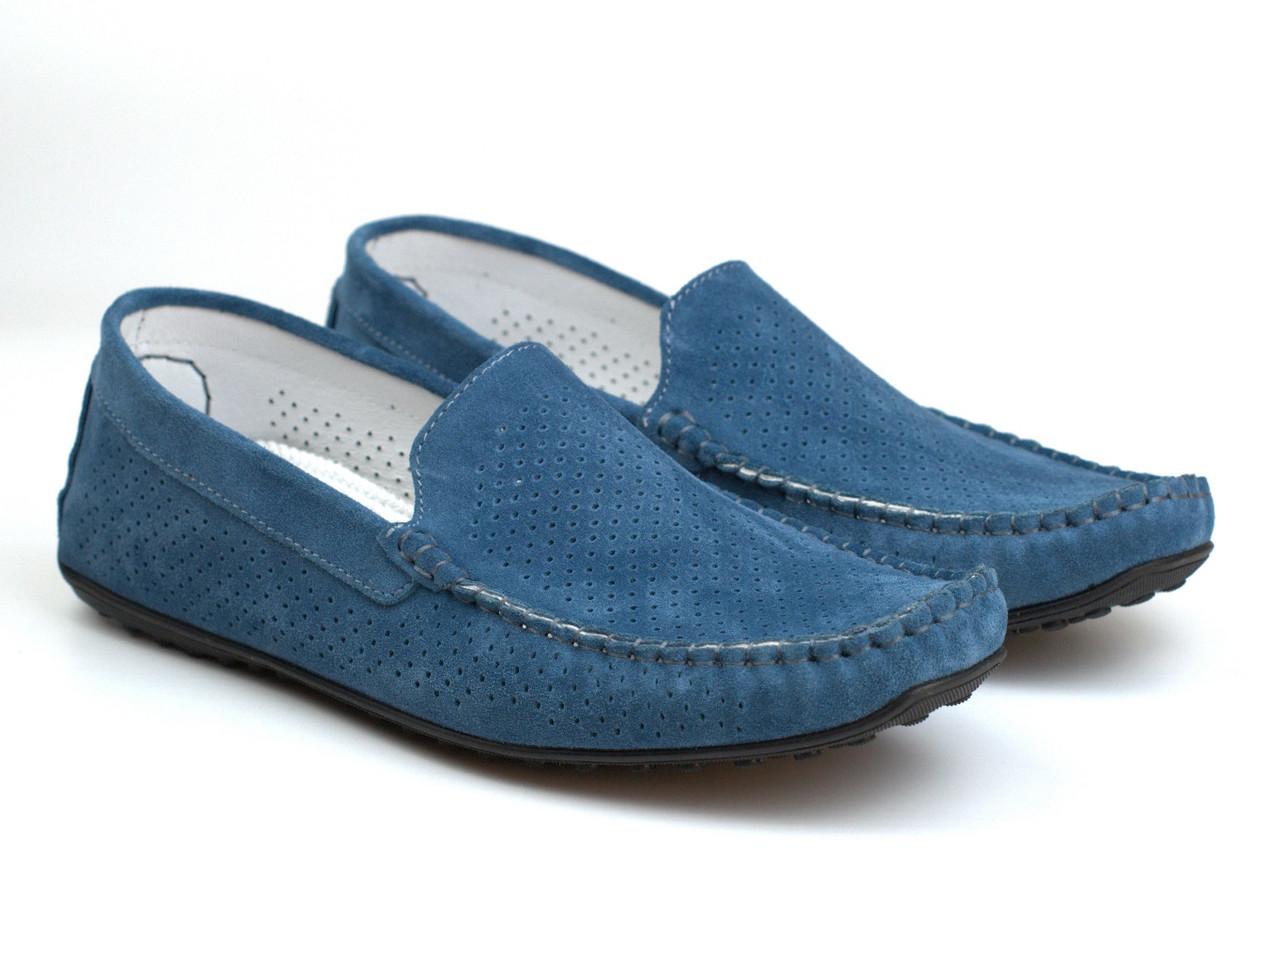 Летние синие мокасины замшевые обувь больших размеров мужская Rosso Avangard BS SE Alberto Blu Lagoon Perf